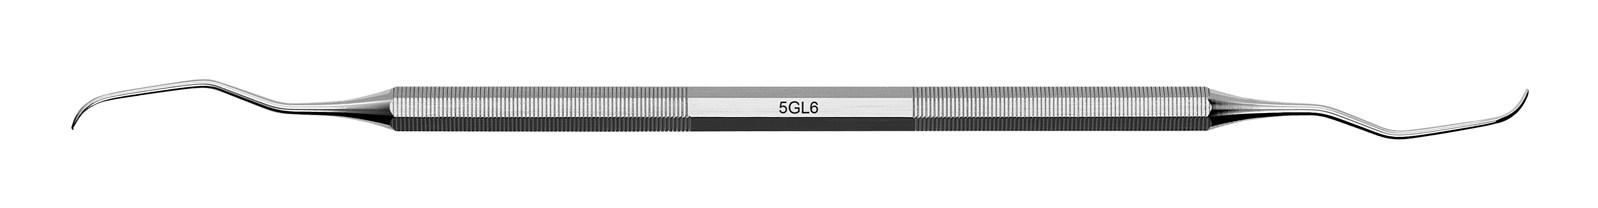 Kyreta Gracey Deep - 5GL6, ADEP tmavě zelený